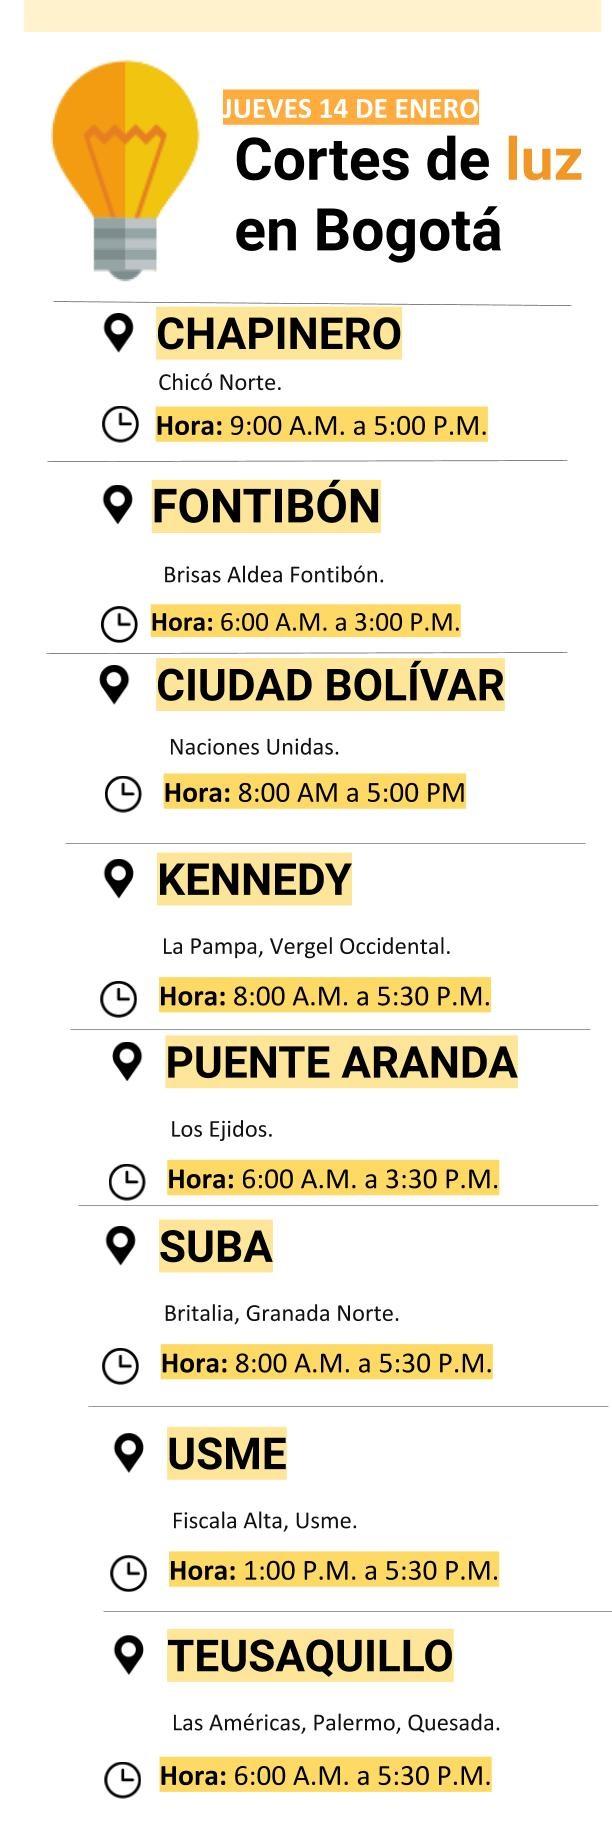 Cortes de luz para el jueves 14 de enero de 2021 en Bogotá